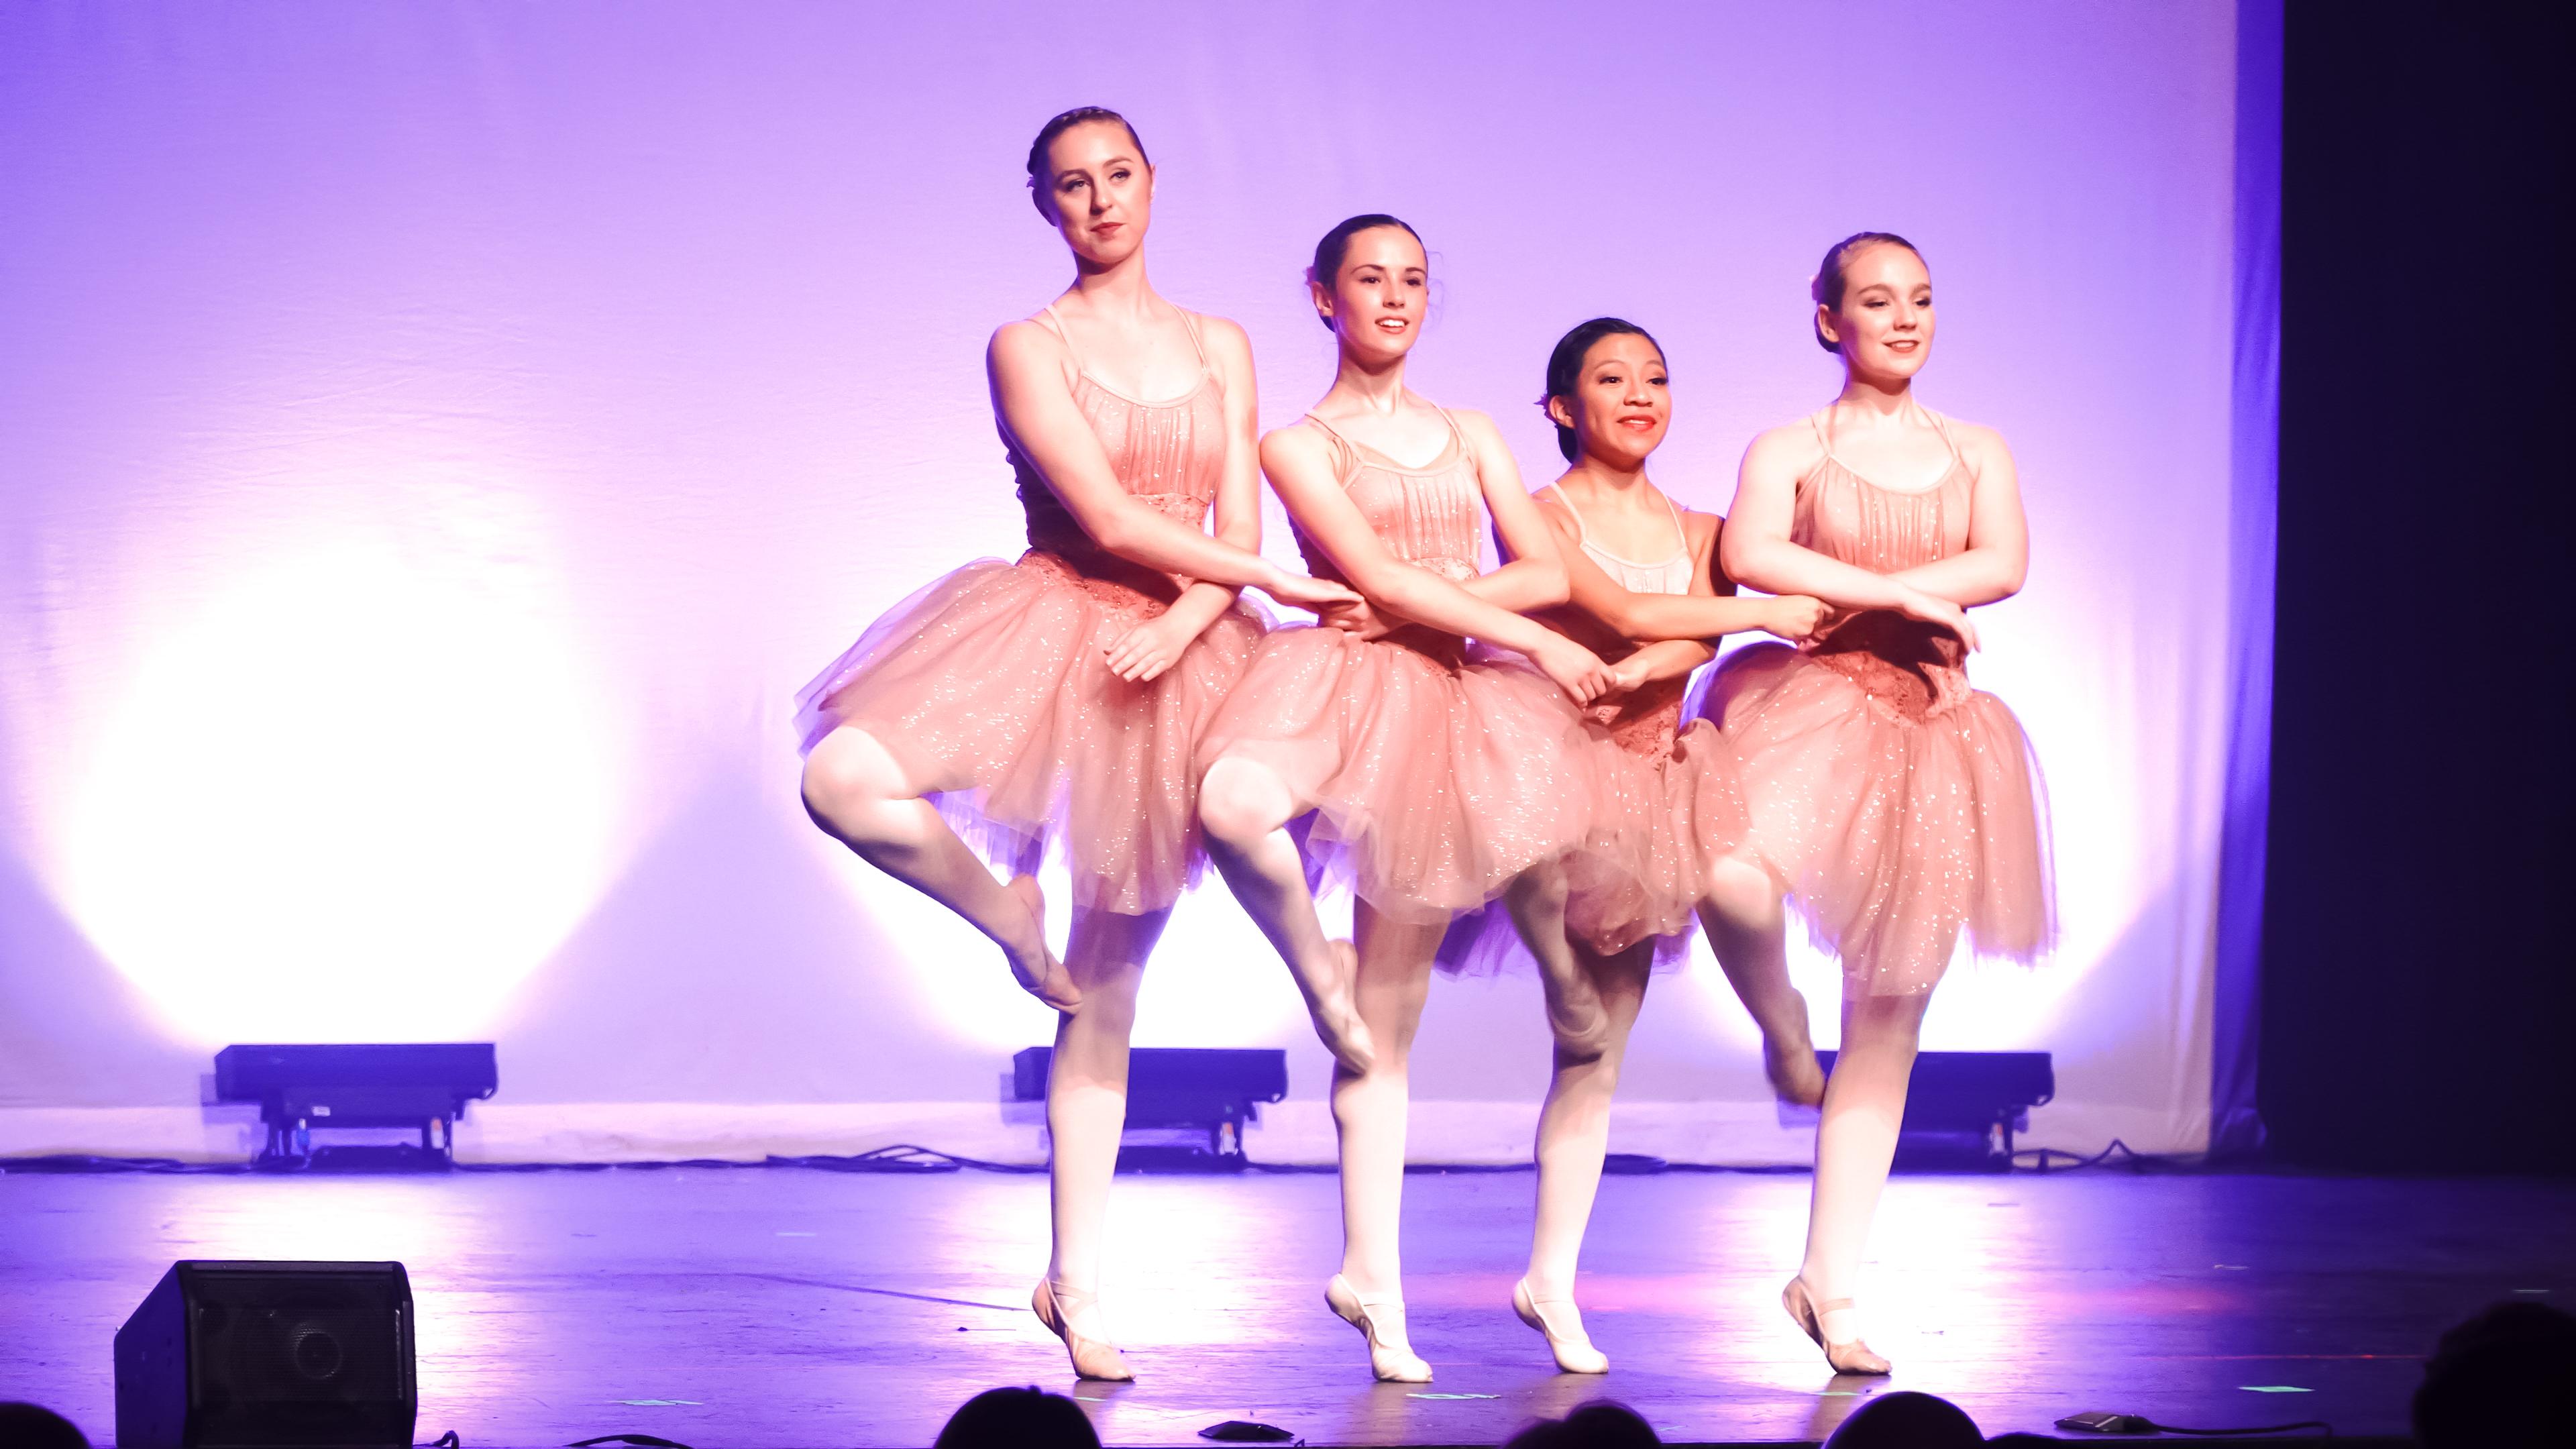 BalletDancers.JPG Ballet: